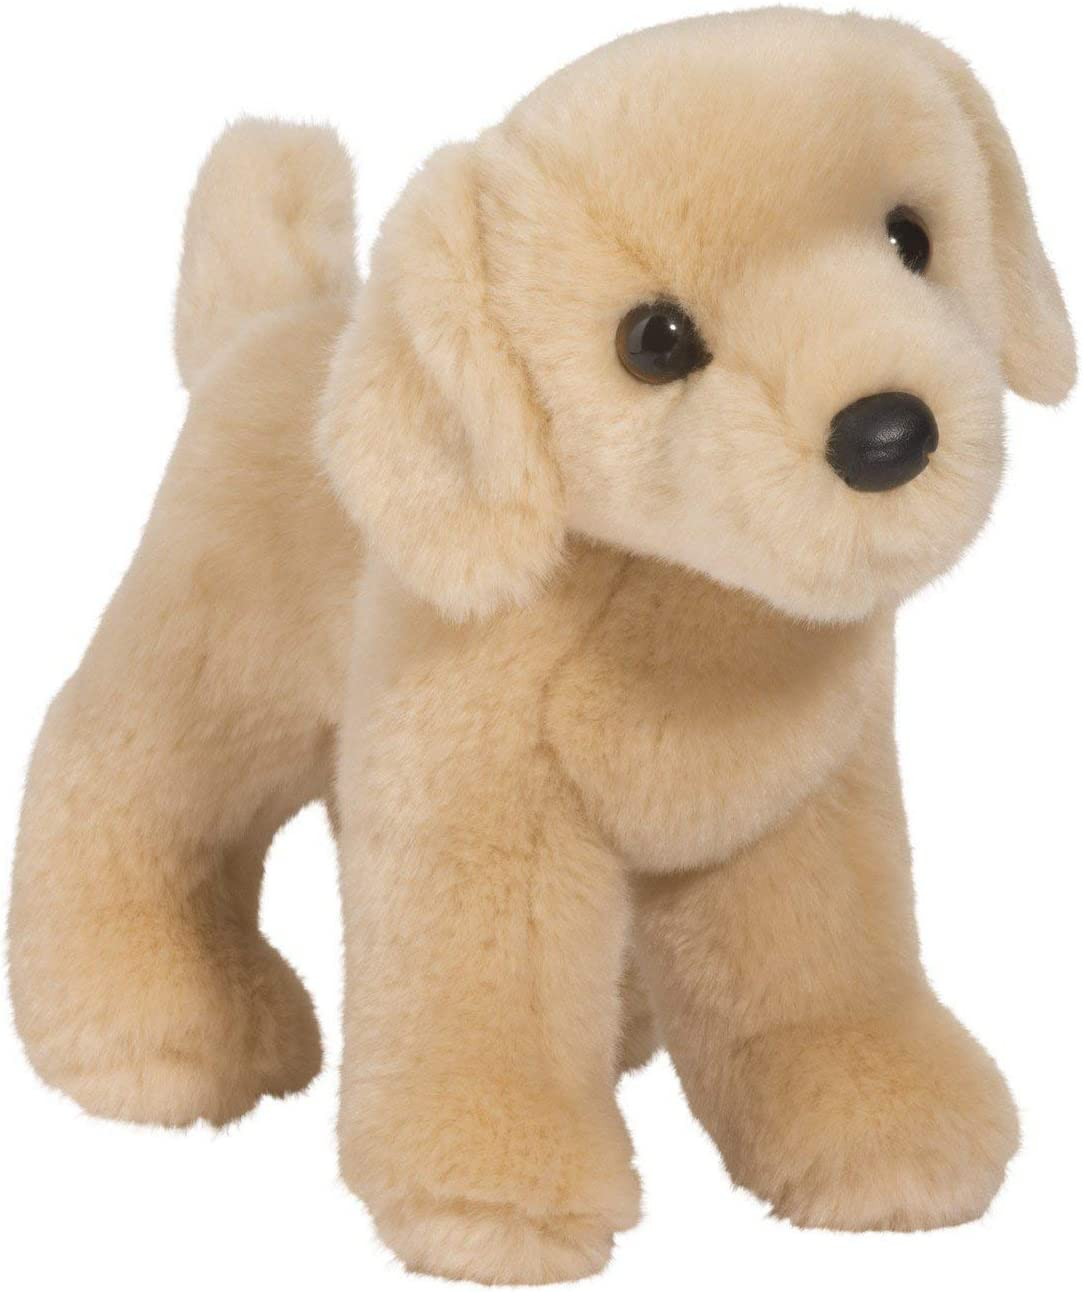 Douglas Zach Yellow Lab Dog Plush Stuffed Animal